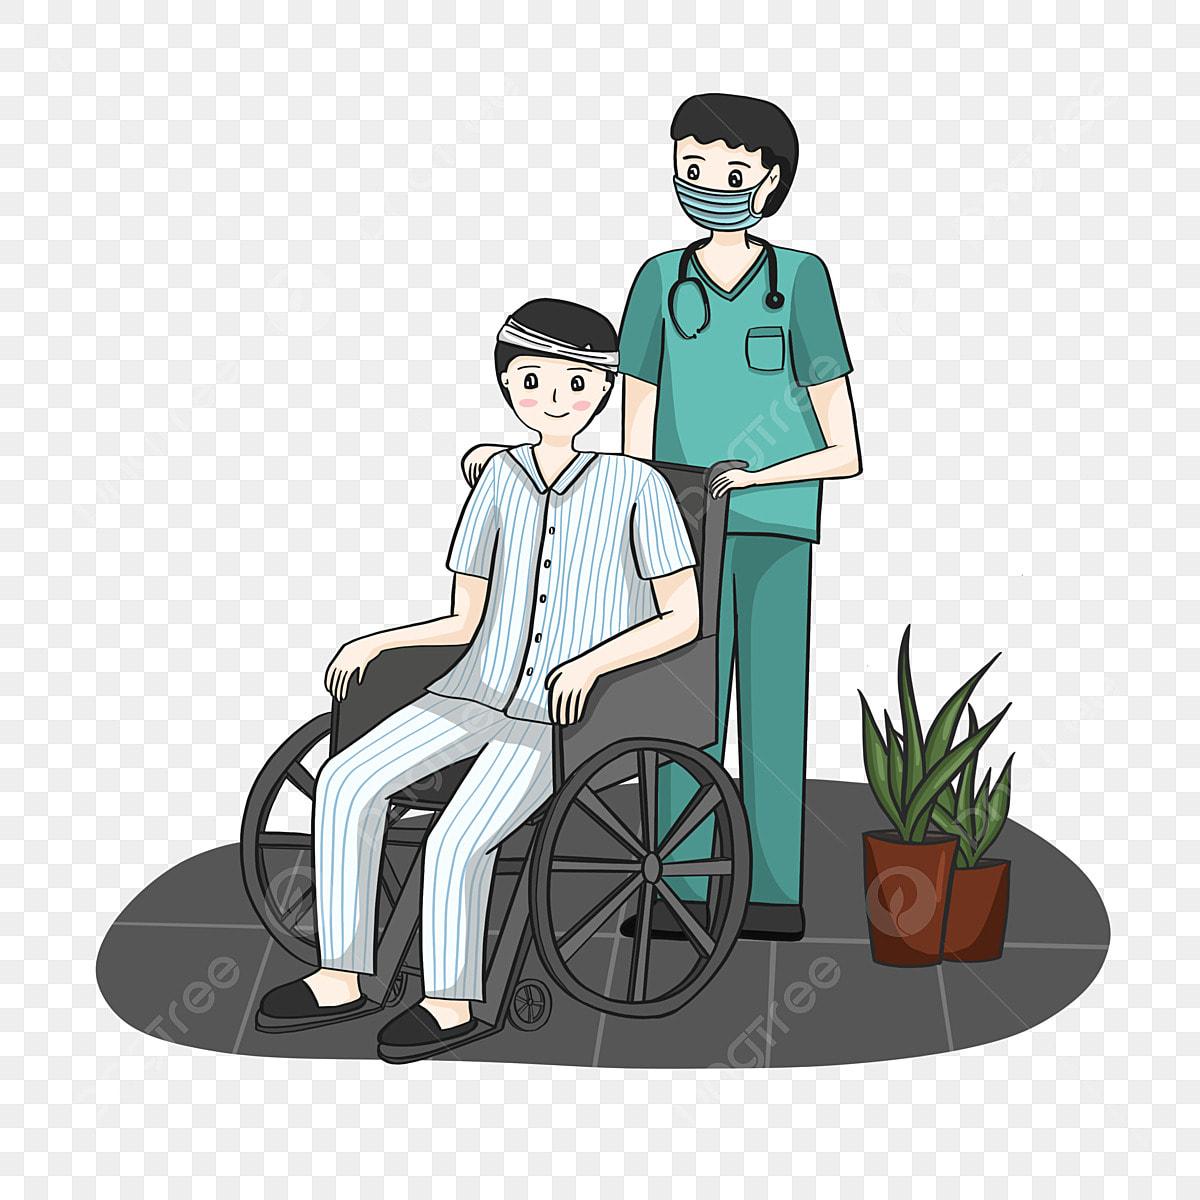 95 Gambar Rumah Sakit Kartun HD Terbaik